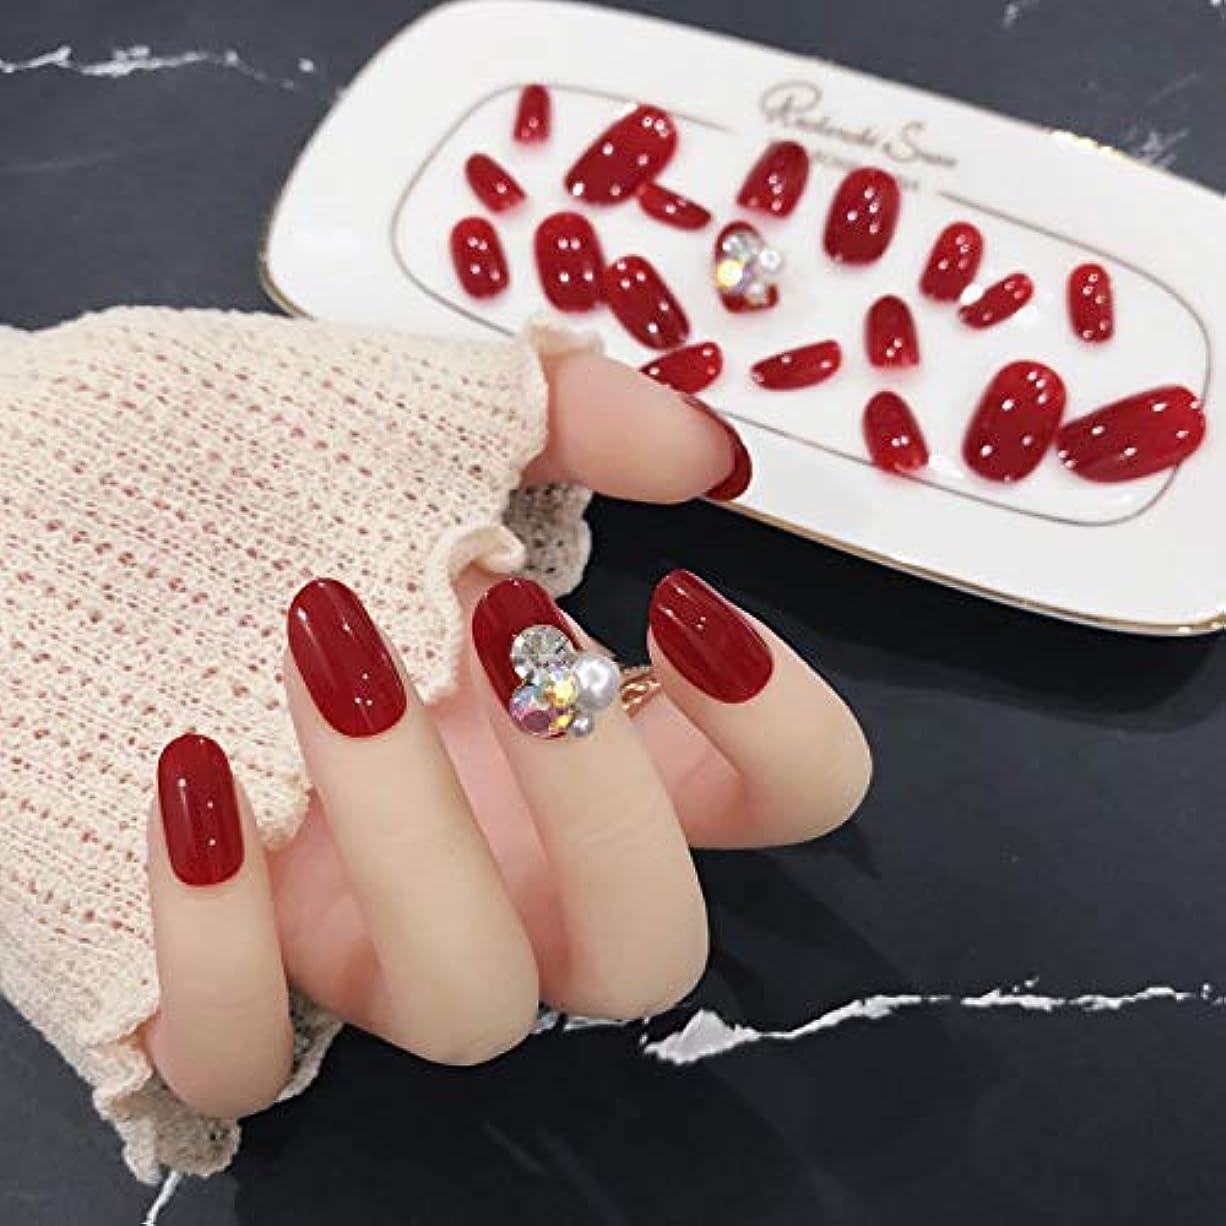 平等スリップシューズ戦い24枚純色付け爪 合成ダイヤモンド、パール装飾 ネイル貼るだけネイルチップ お花嫁付け爪